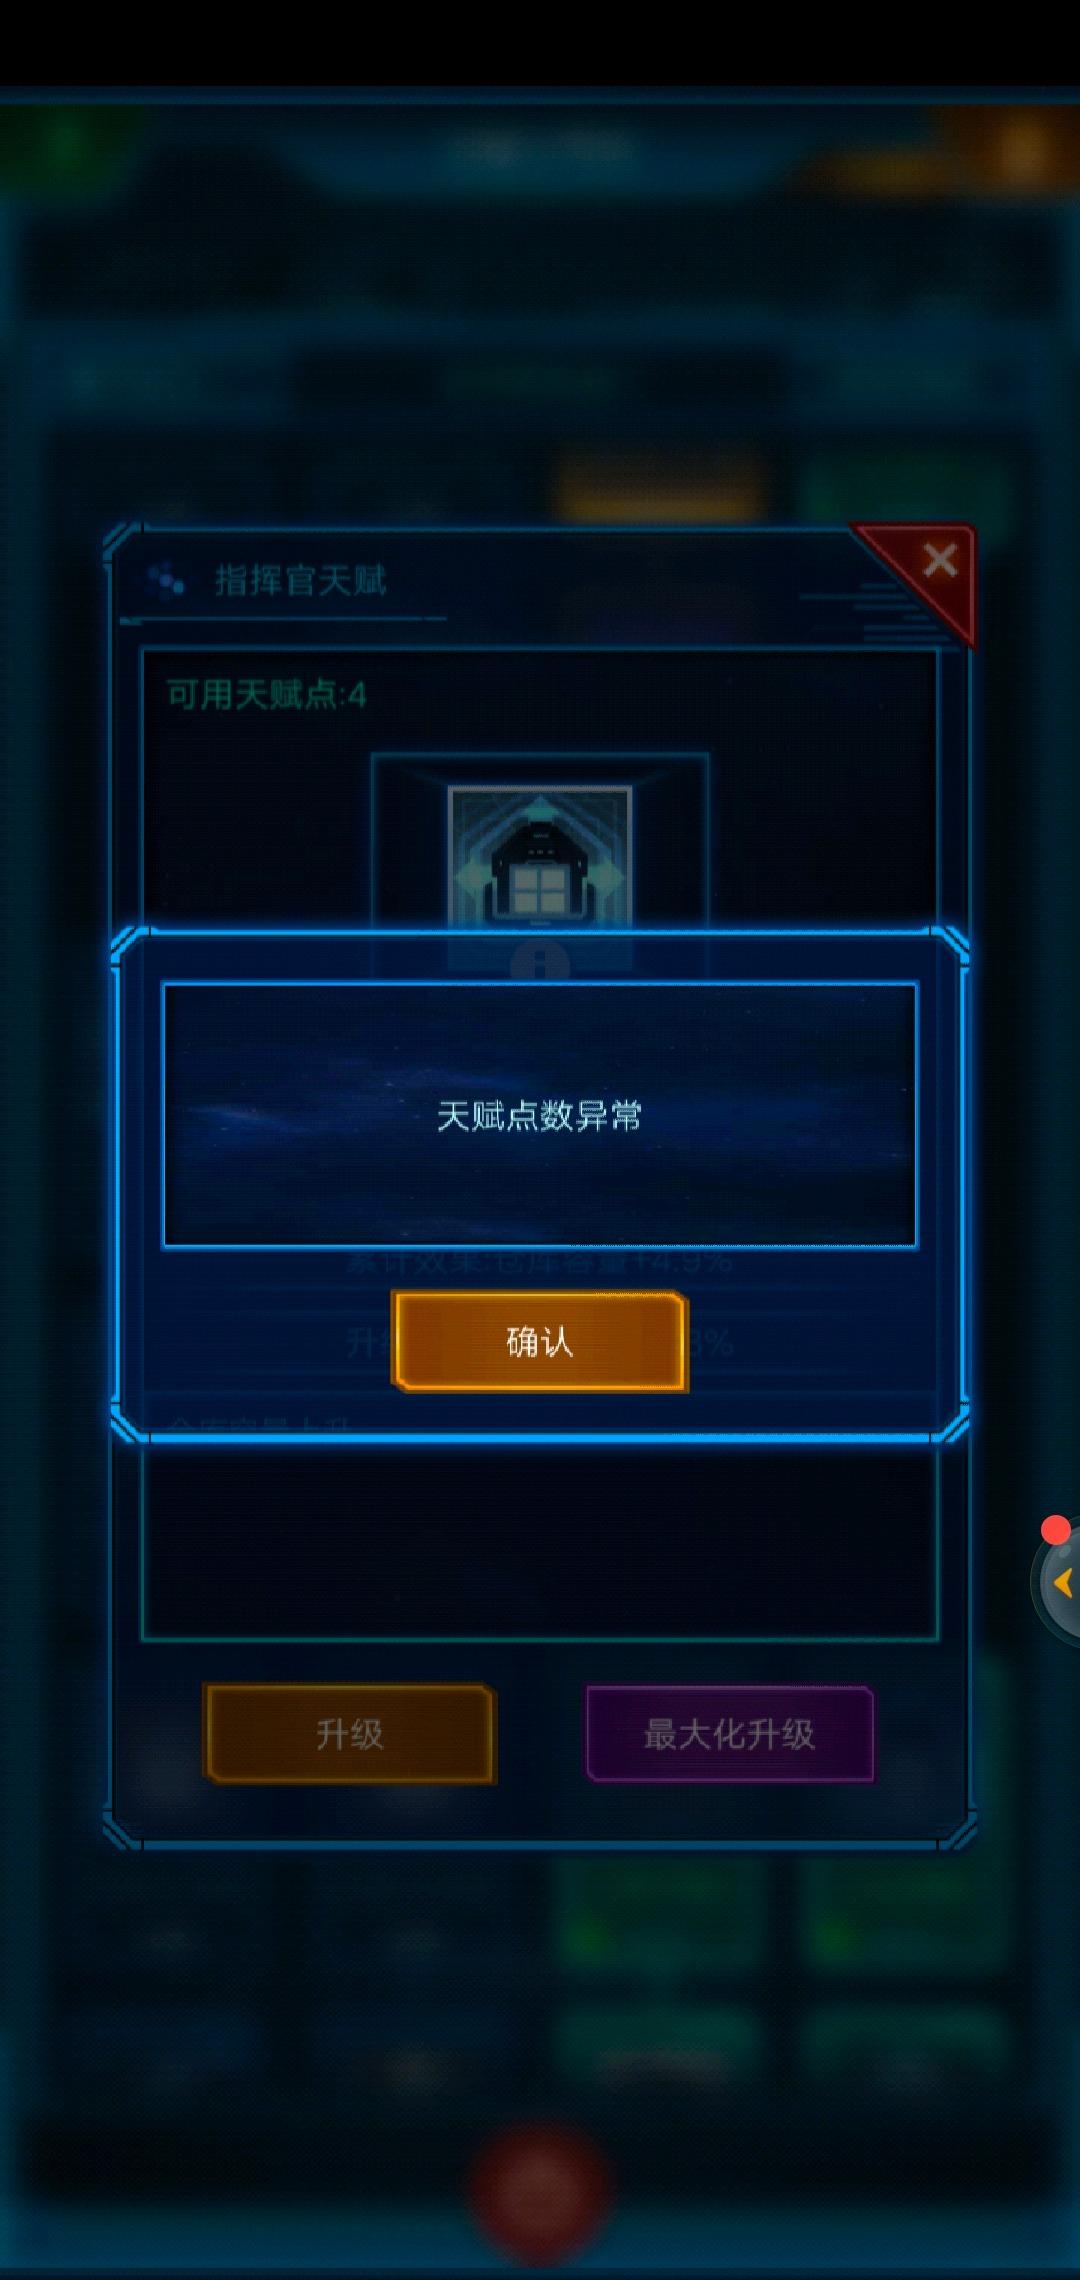 Screenshot_20190425_001247.jpg